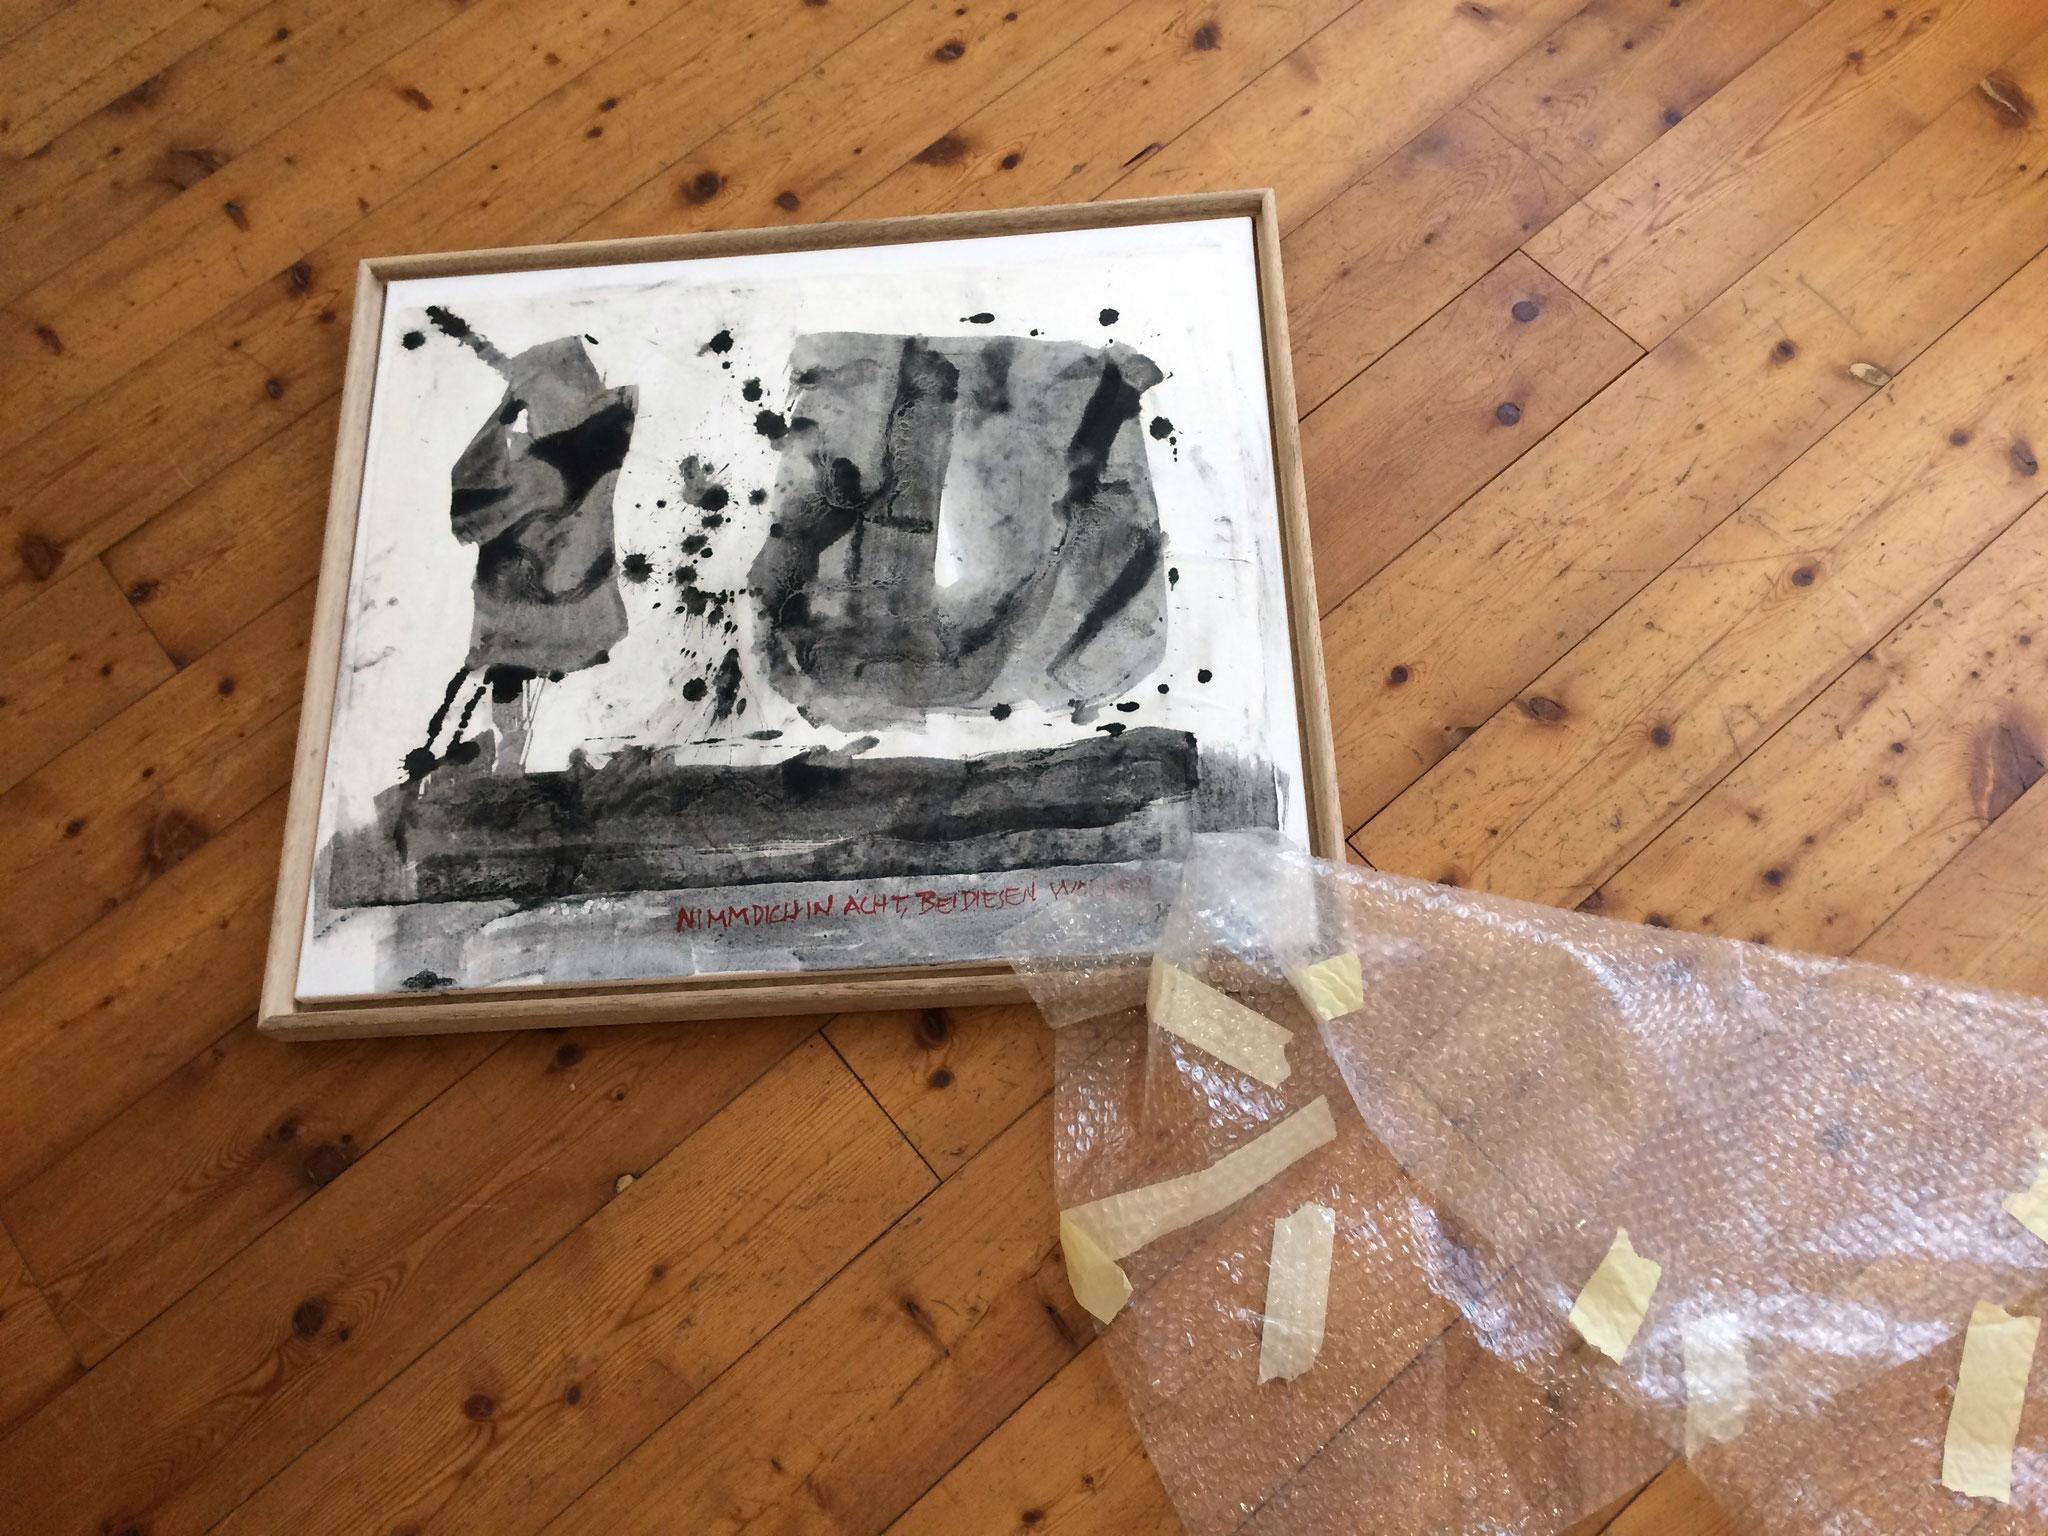 """""""Nimm Dich in Acht bei diesen Wolken"""" von Jean Lessenich, 60 x 70 cm gerahmt, chinesische Tusche, 2013. Foto: Manfred Etten"""